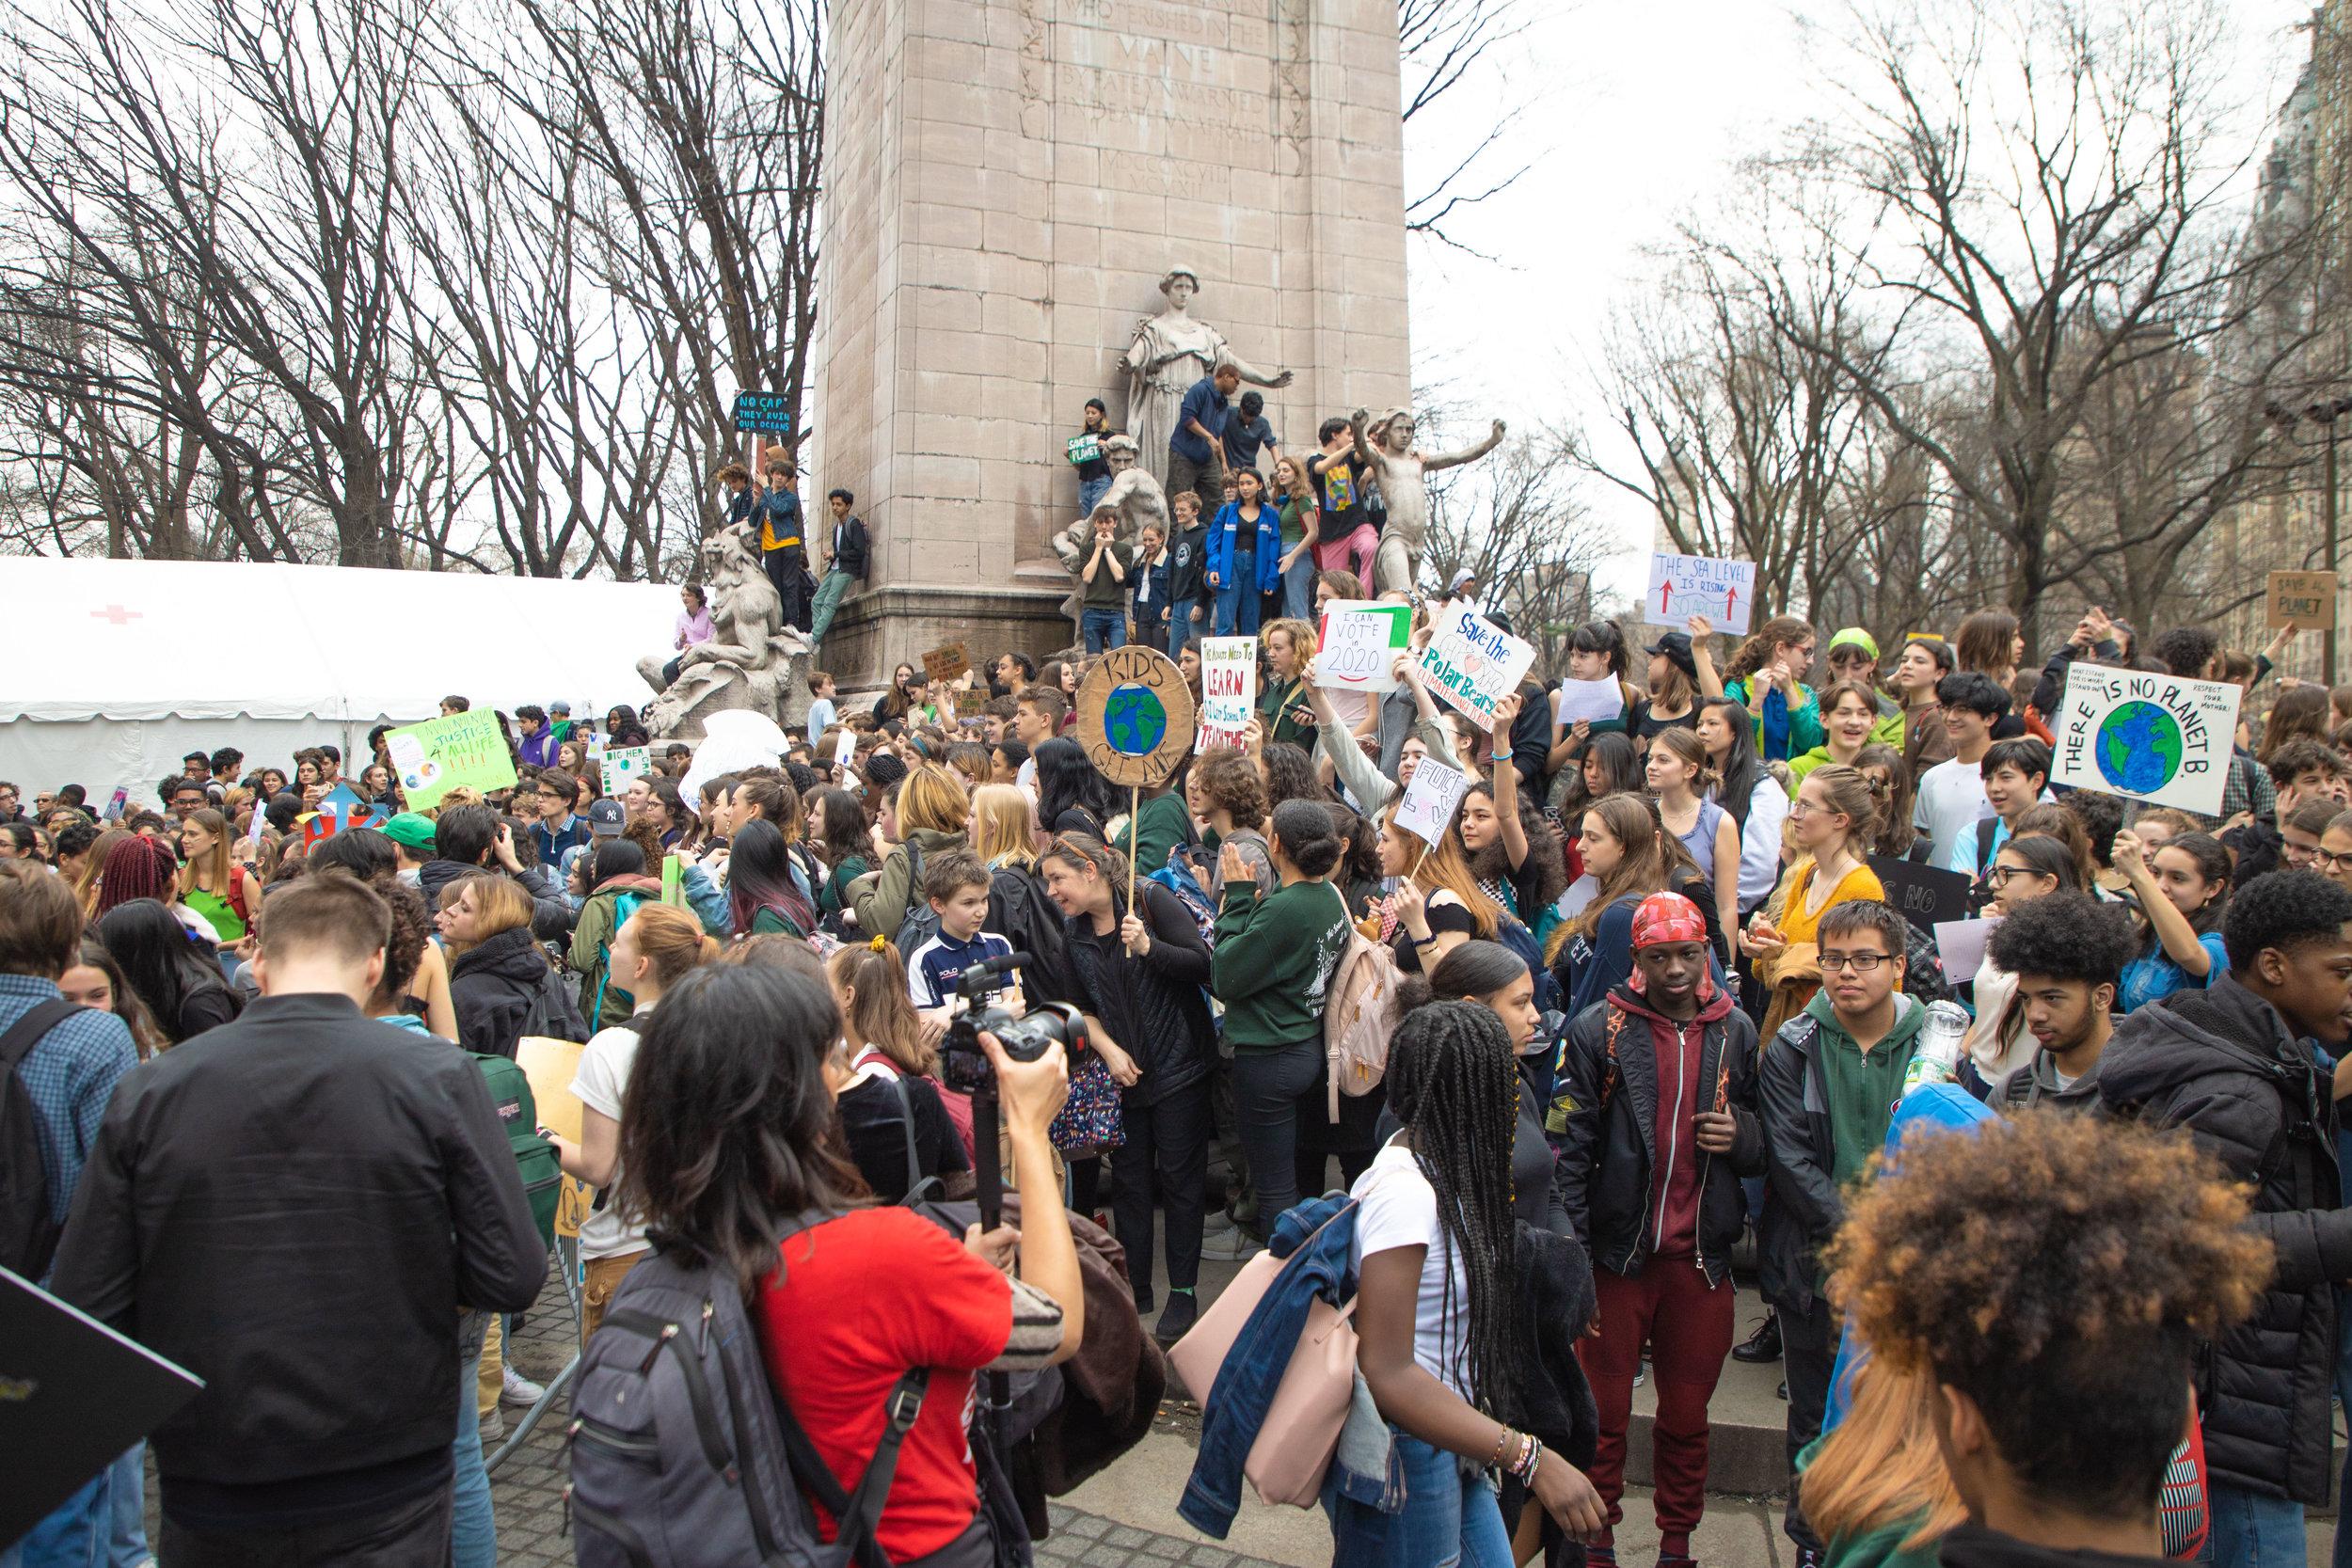 3.15.19_YouthClimateStrike_NYC_ColumbusCircle-22.jpg